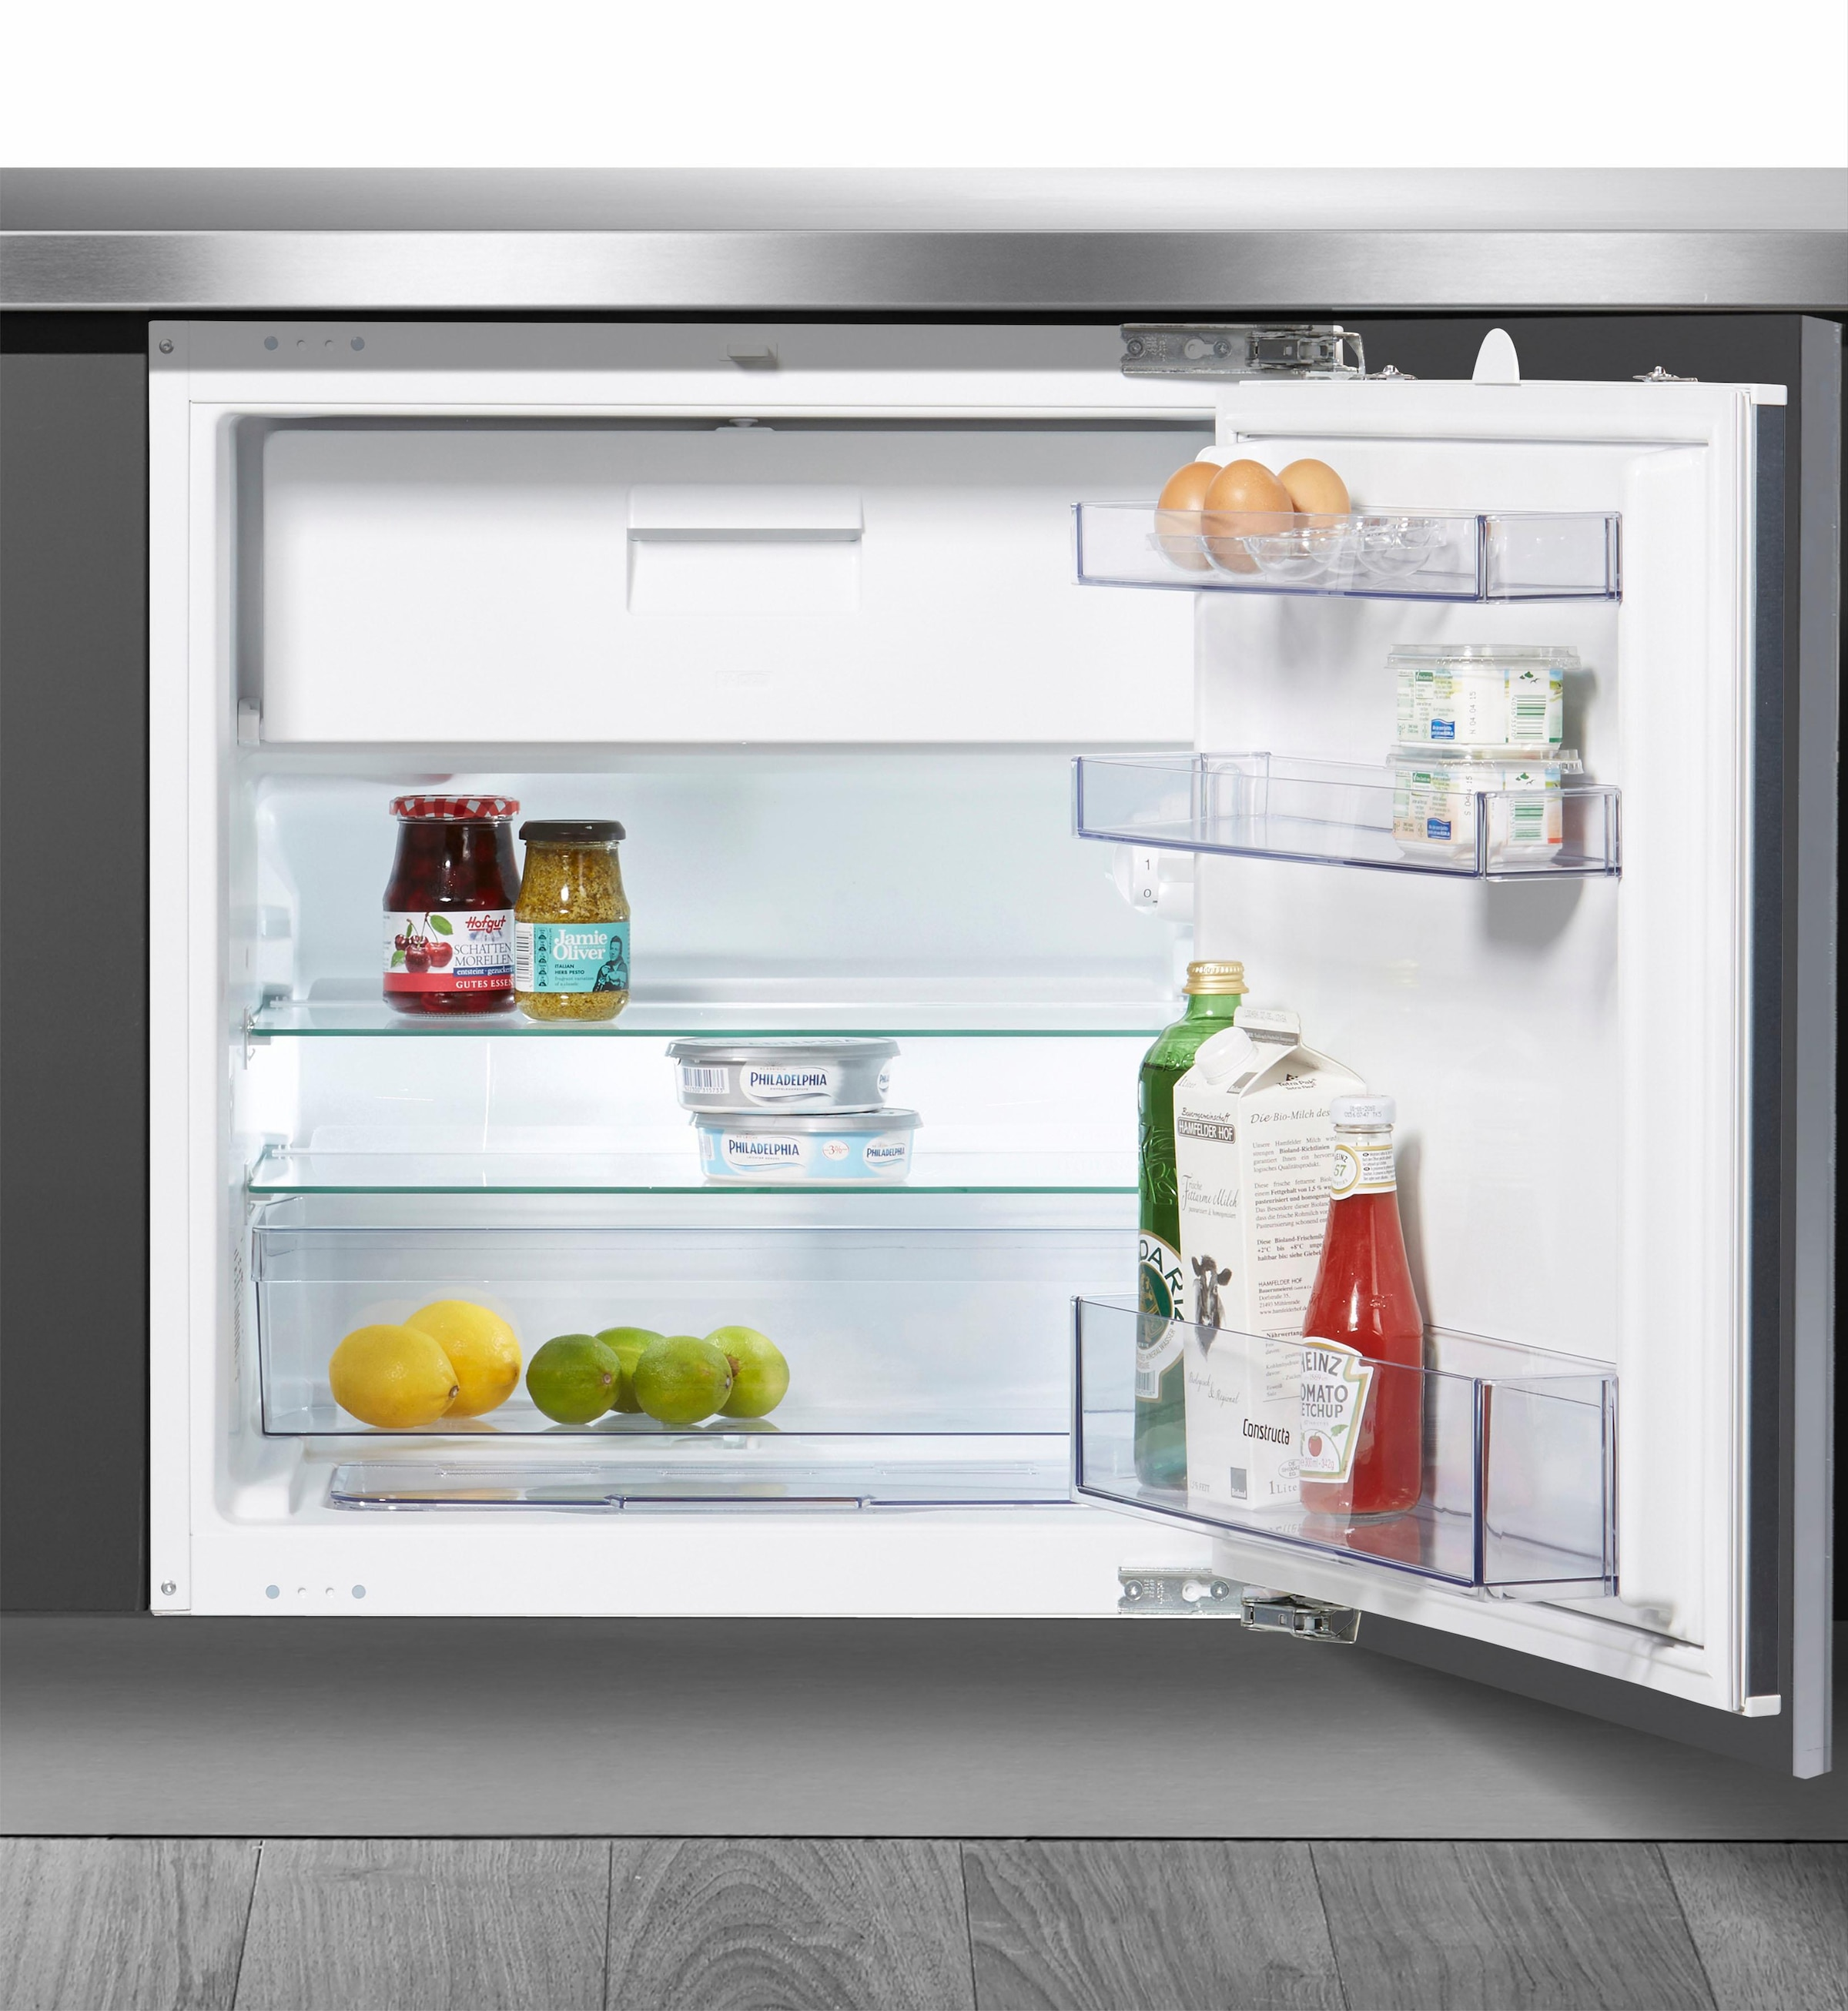 Aeg Kühlschrank Unterbau : Unterbaukühlschränke im shop von baur auf rechnung kaufen